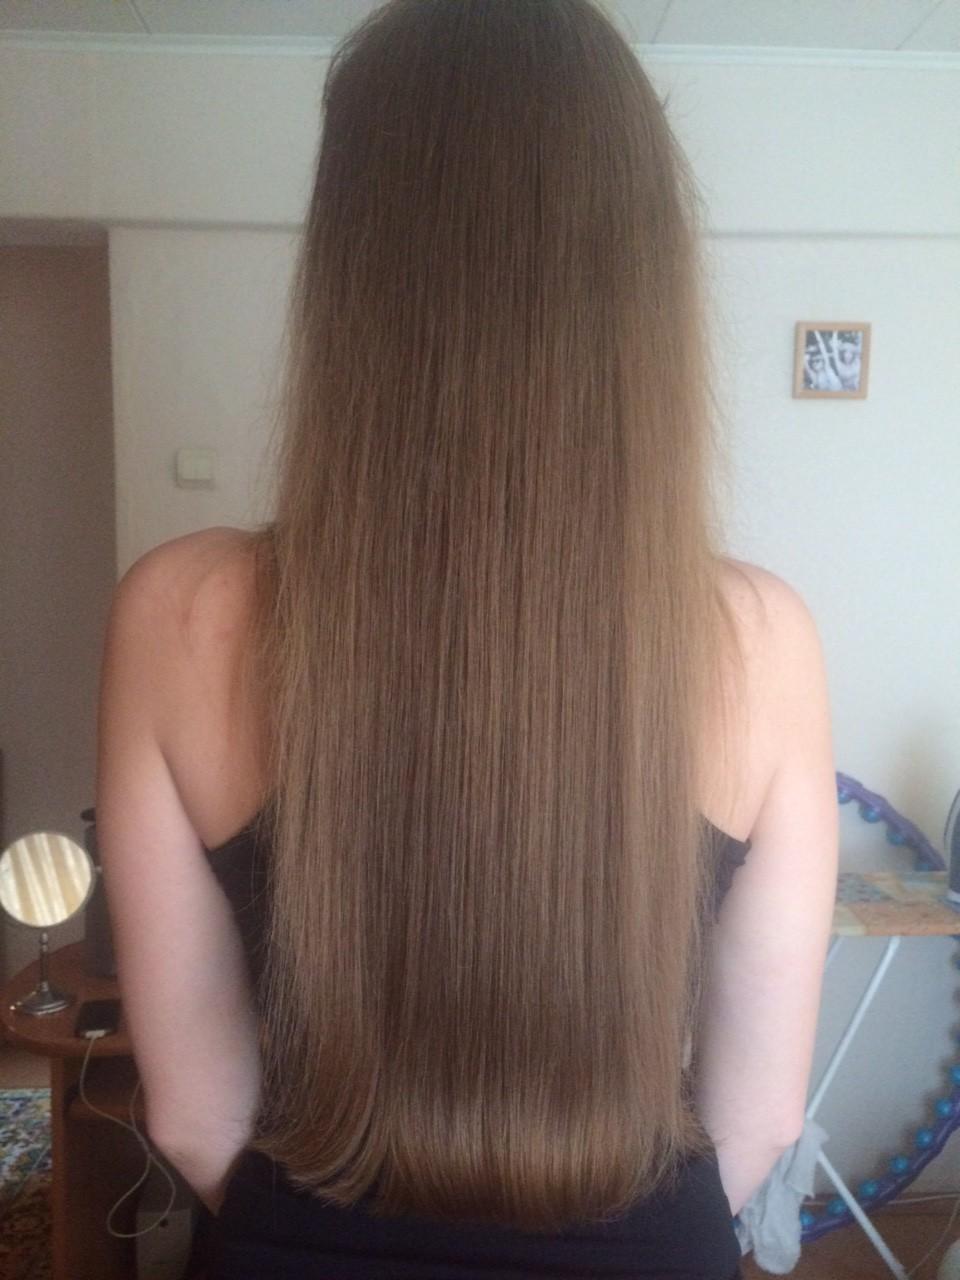 Как отрастить красивые длинные волосы: что нужно прекратить с ними делать?